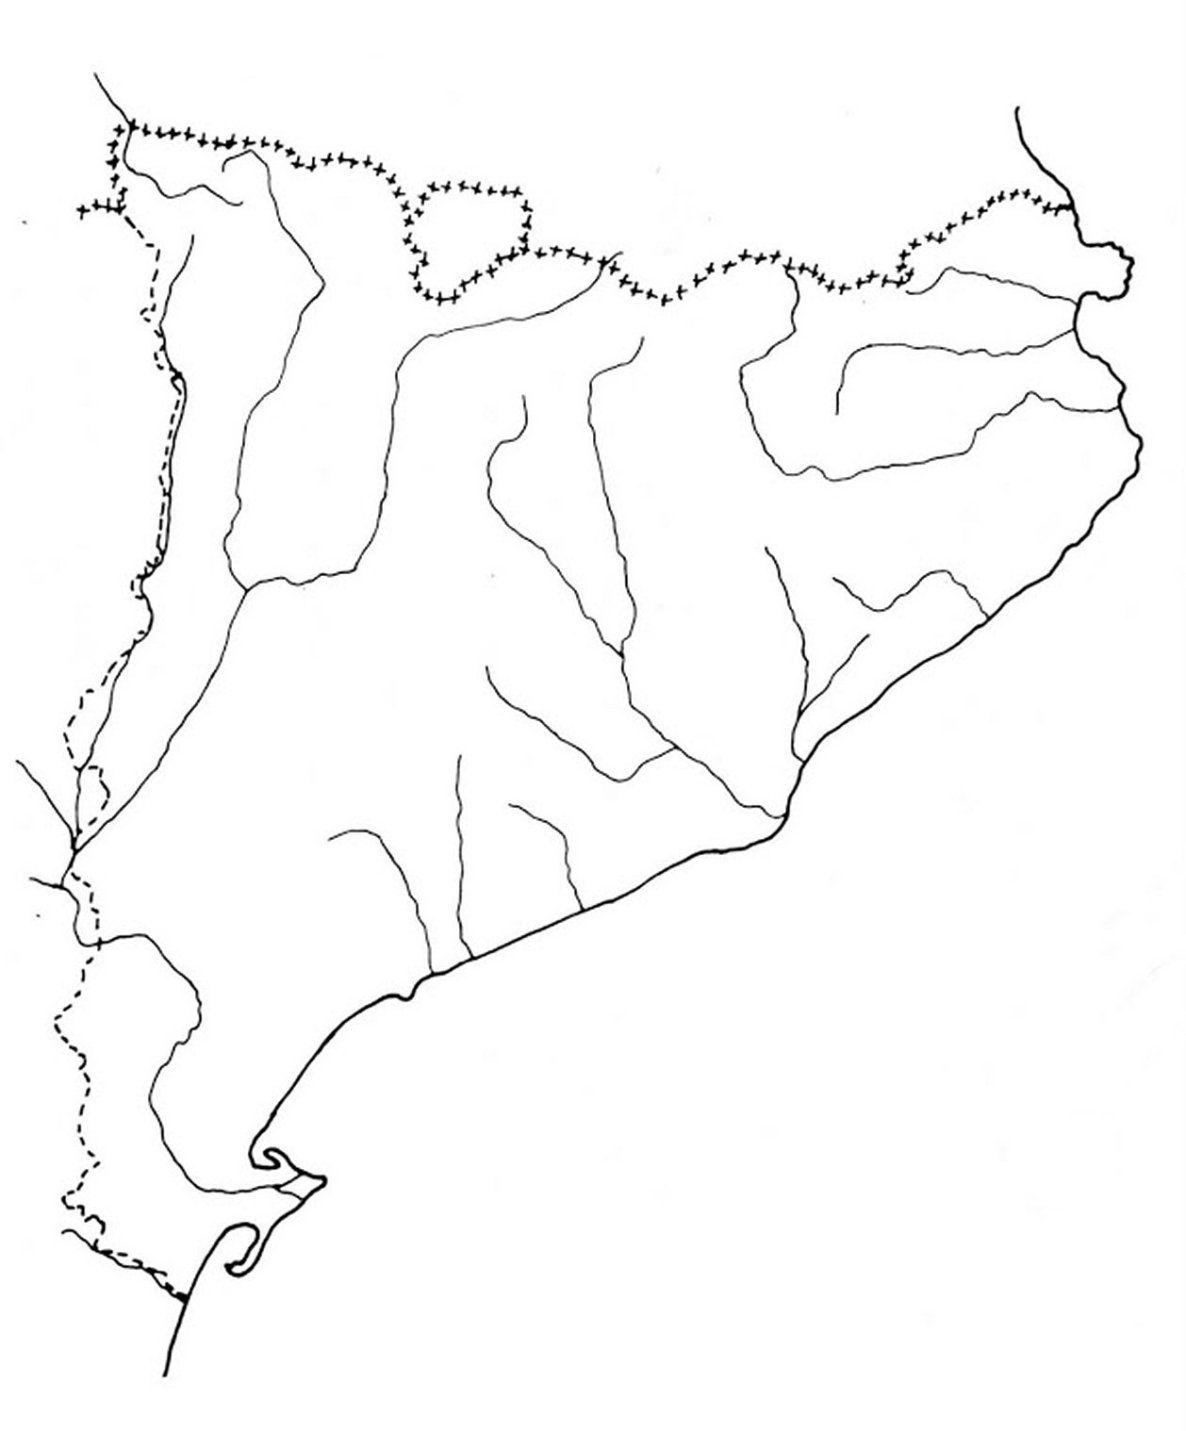 Mapes Muts Rius De Catalunya Rius Imagenes De Mafalda